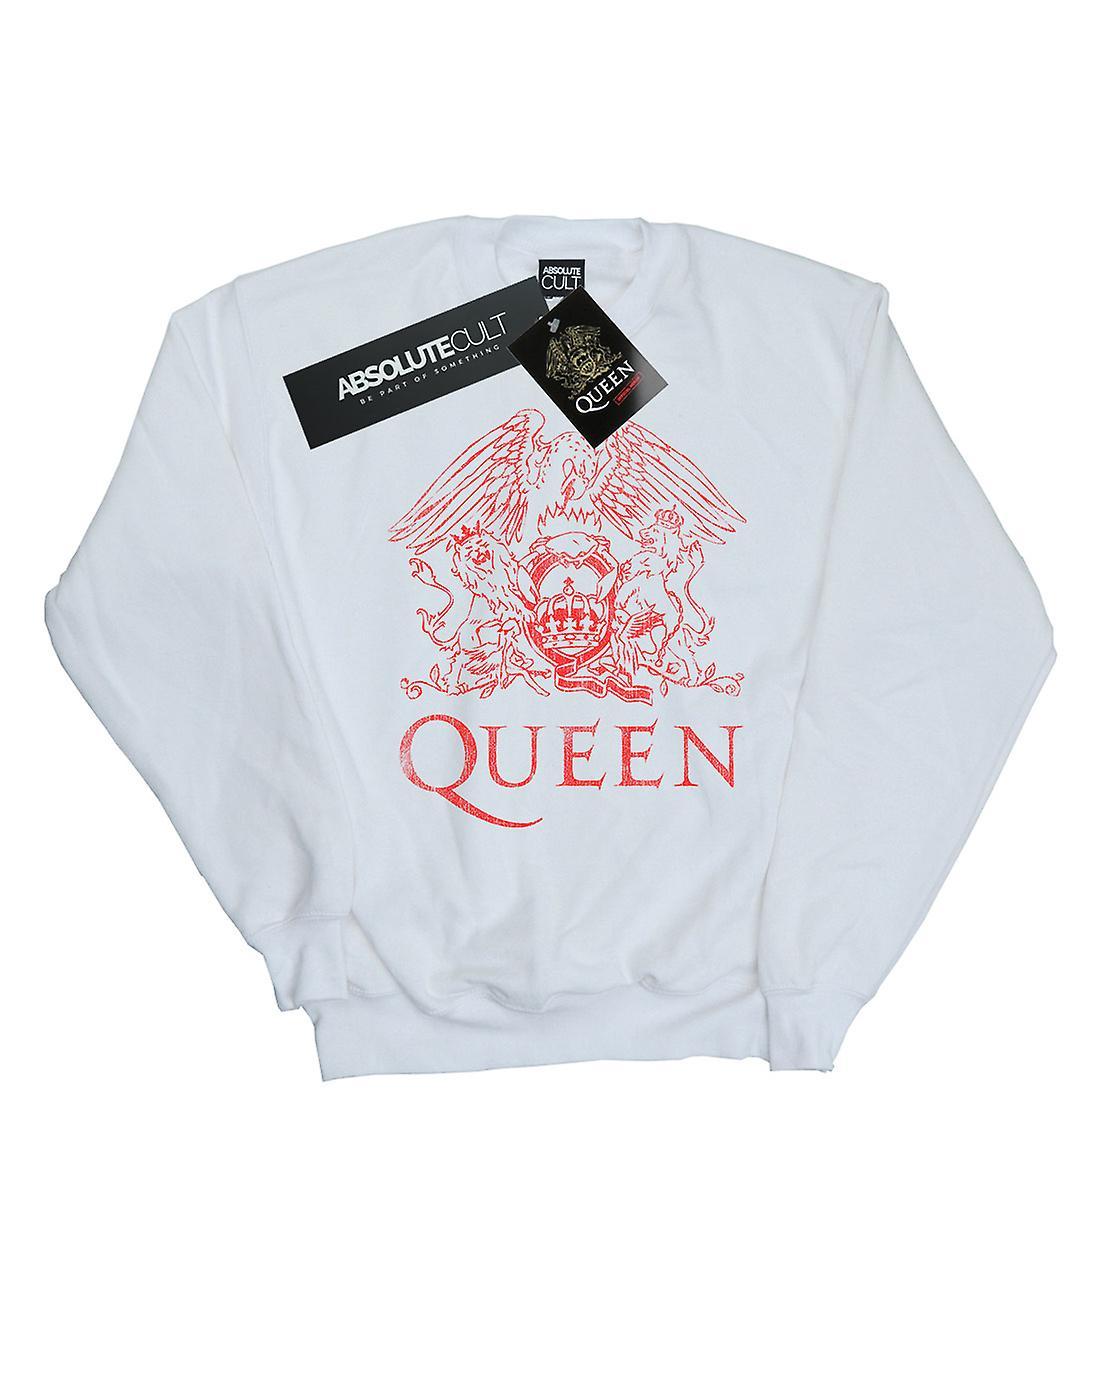 Queen Girls Distressed Crest Sweatshirt